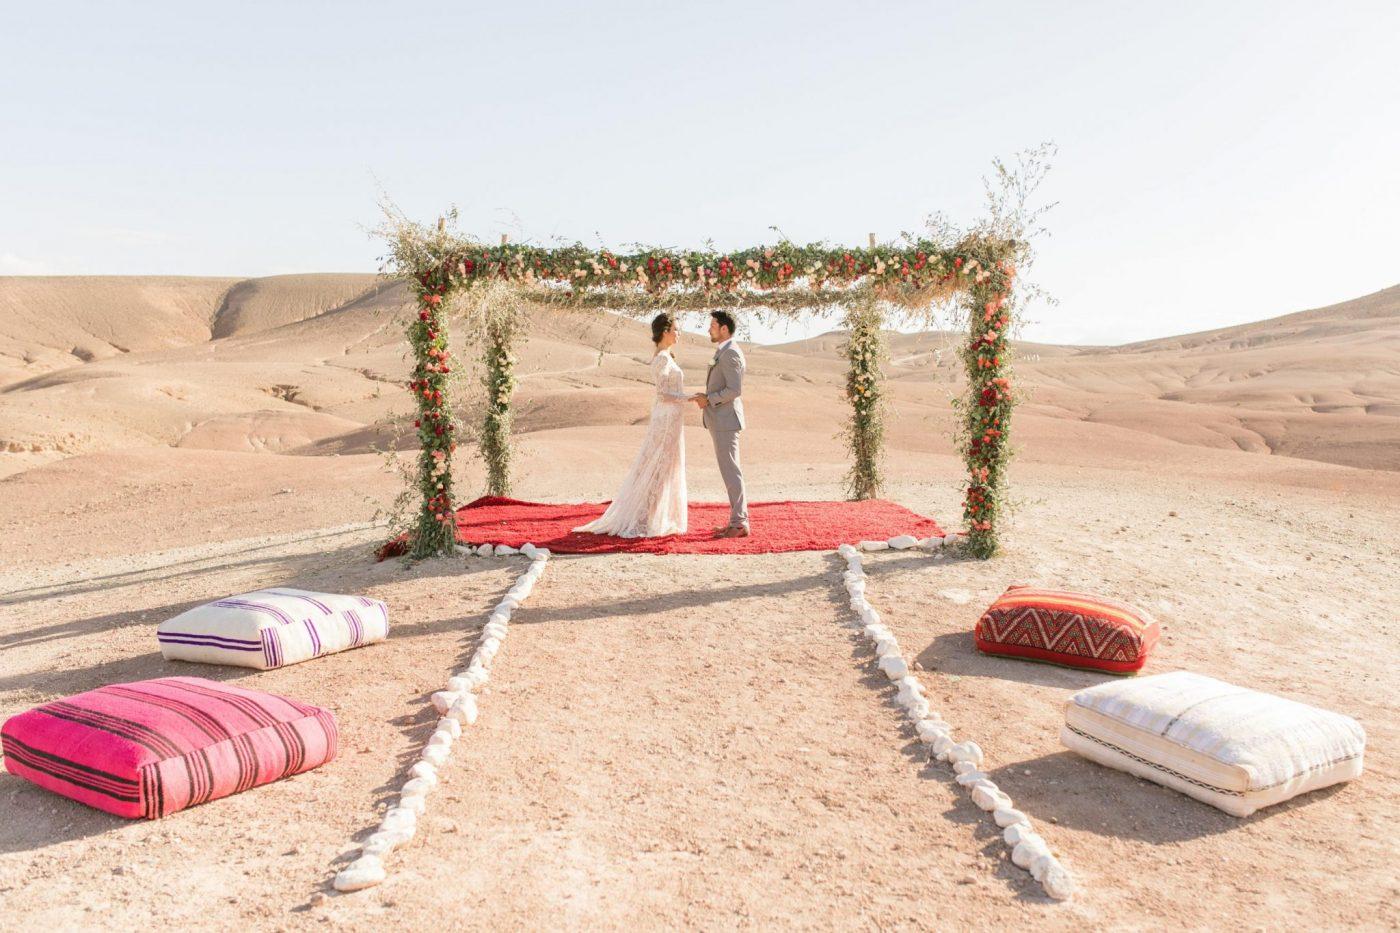 La Pause Wedding Venue